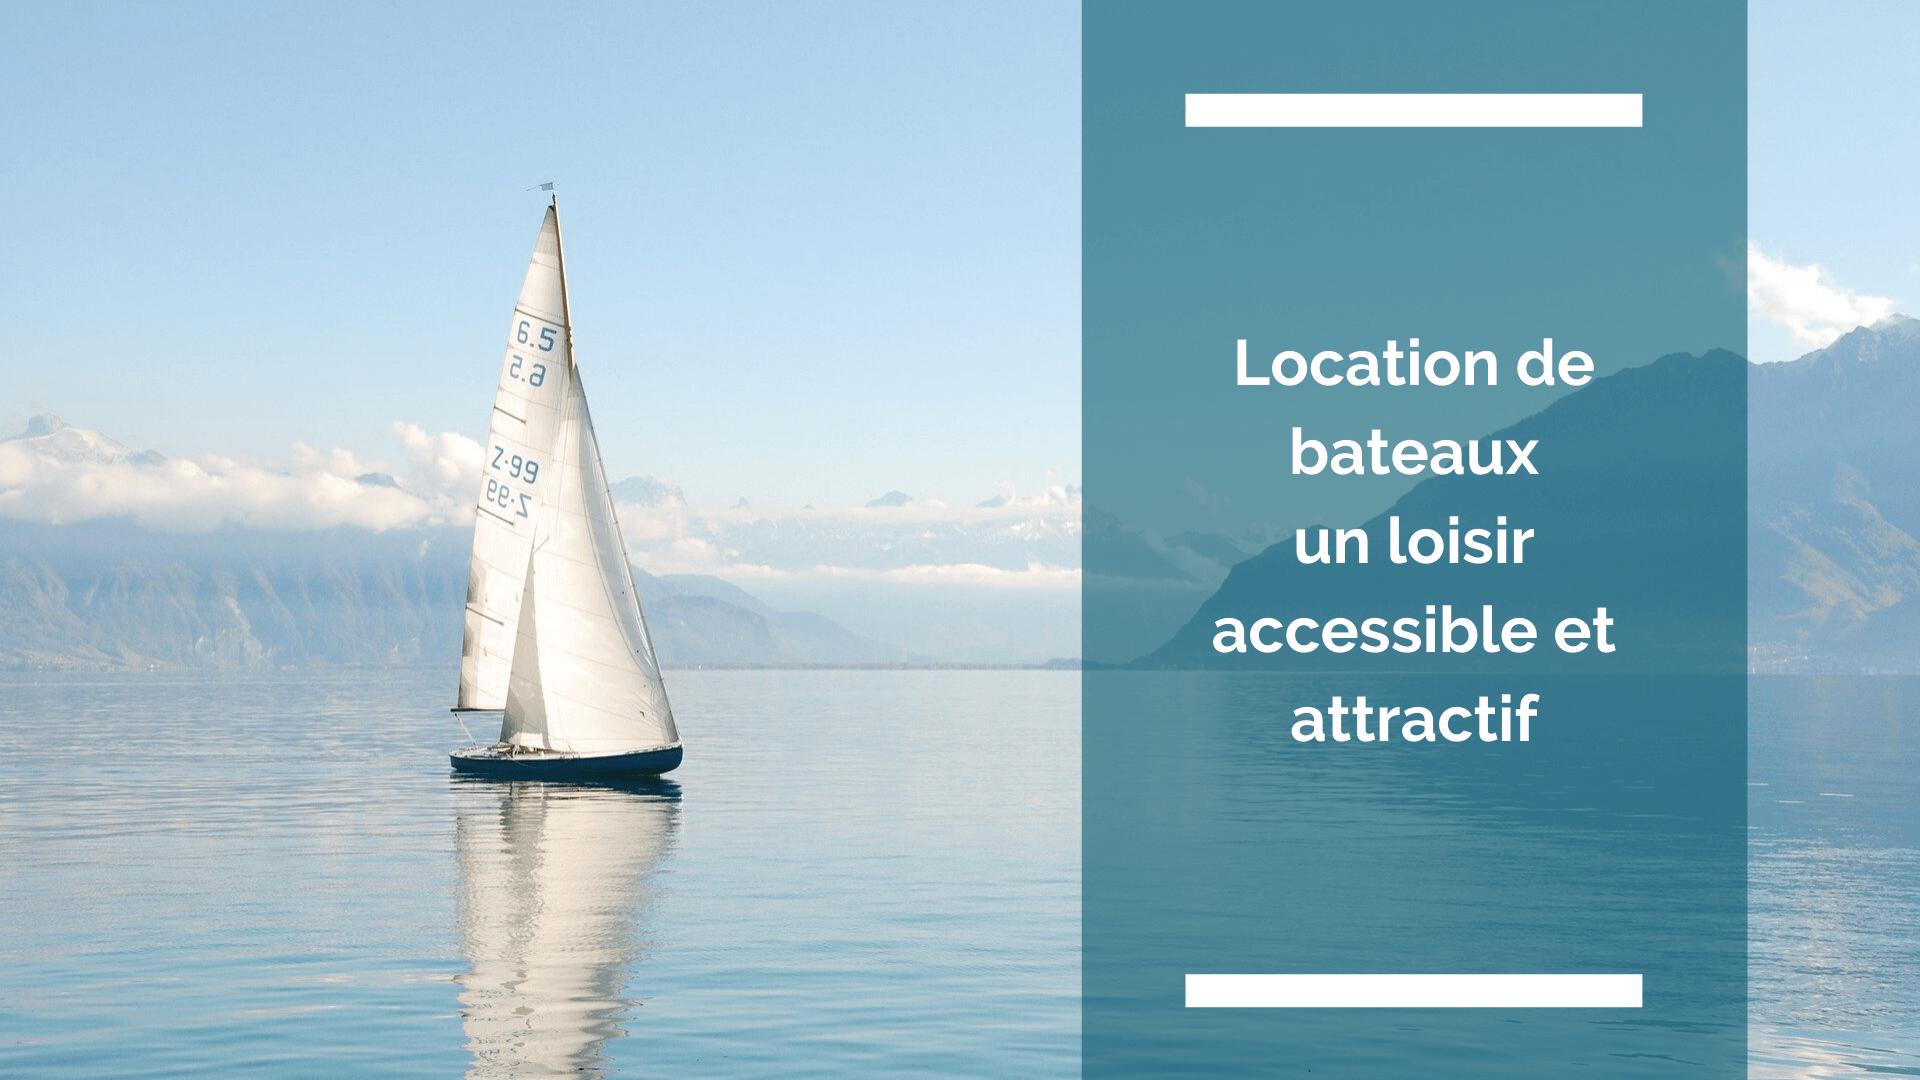 Visuel article : location de bateaux un loisir accessible et attractif